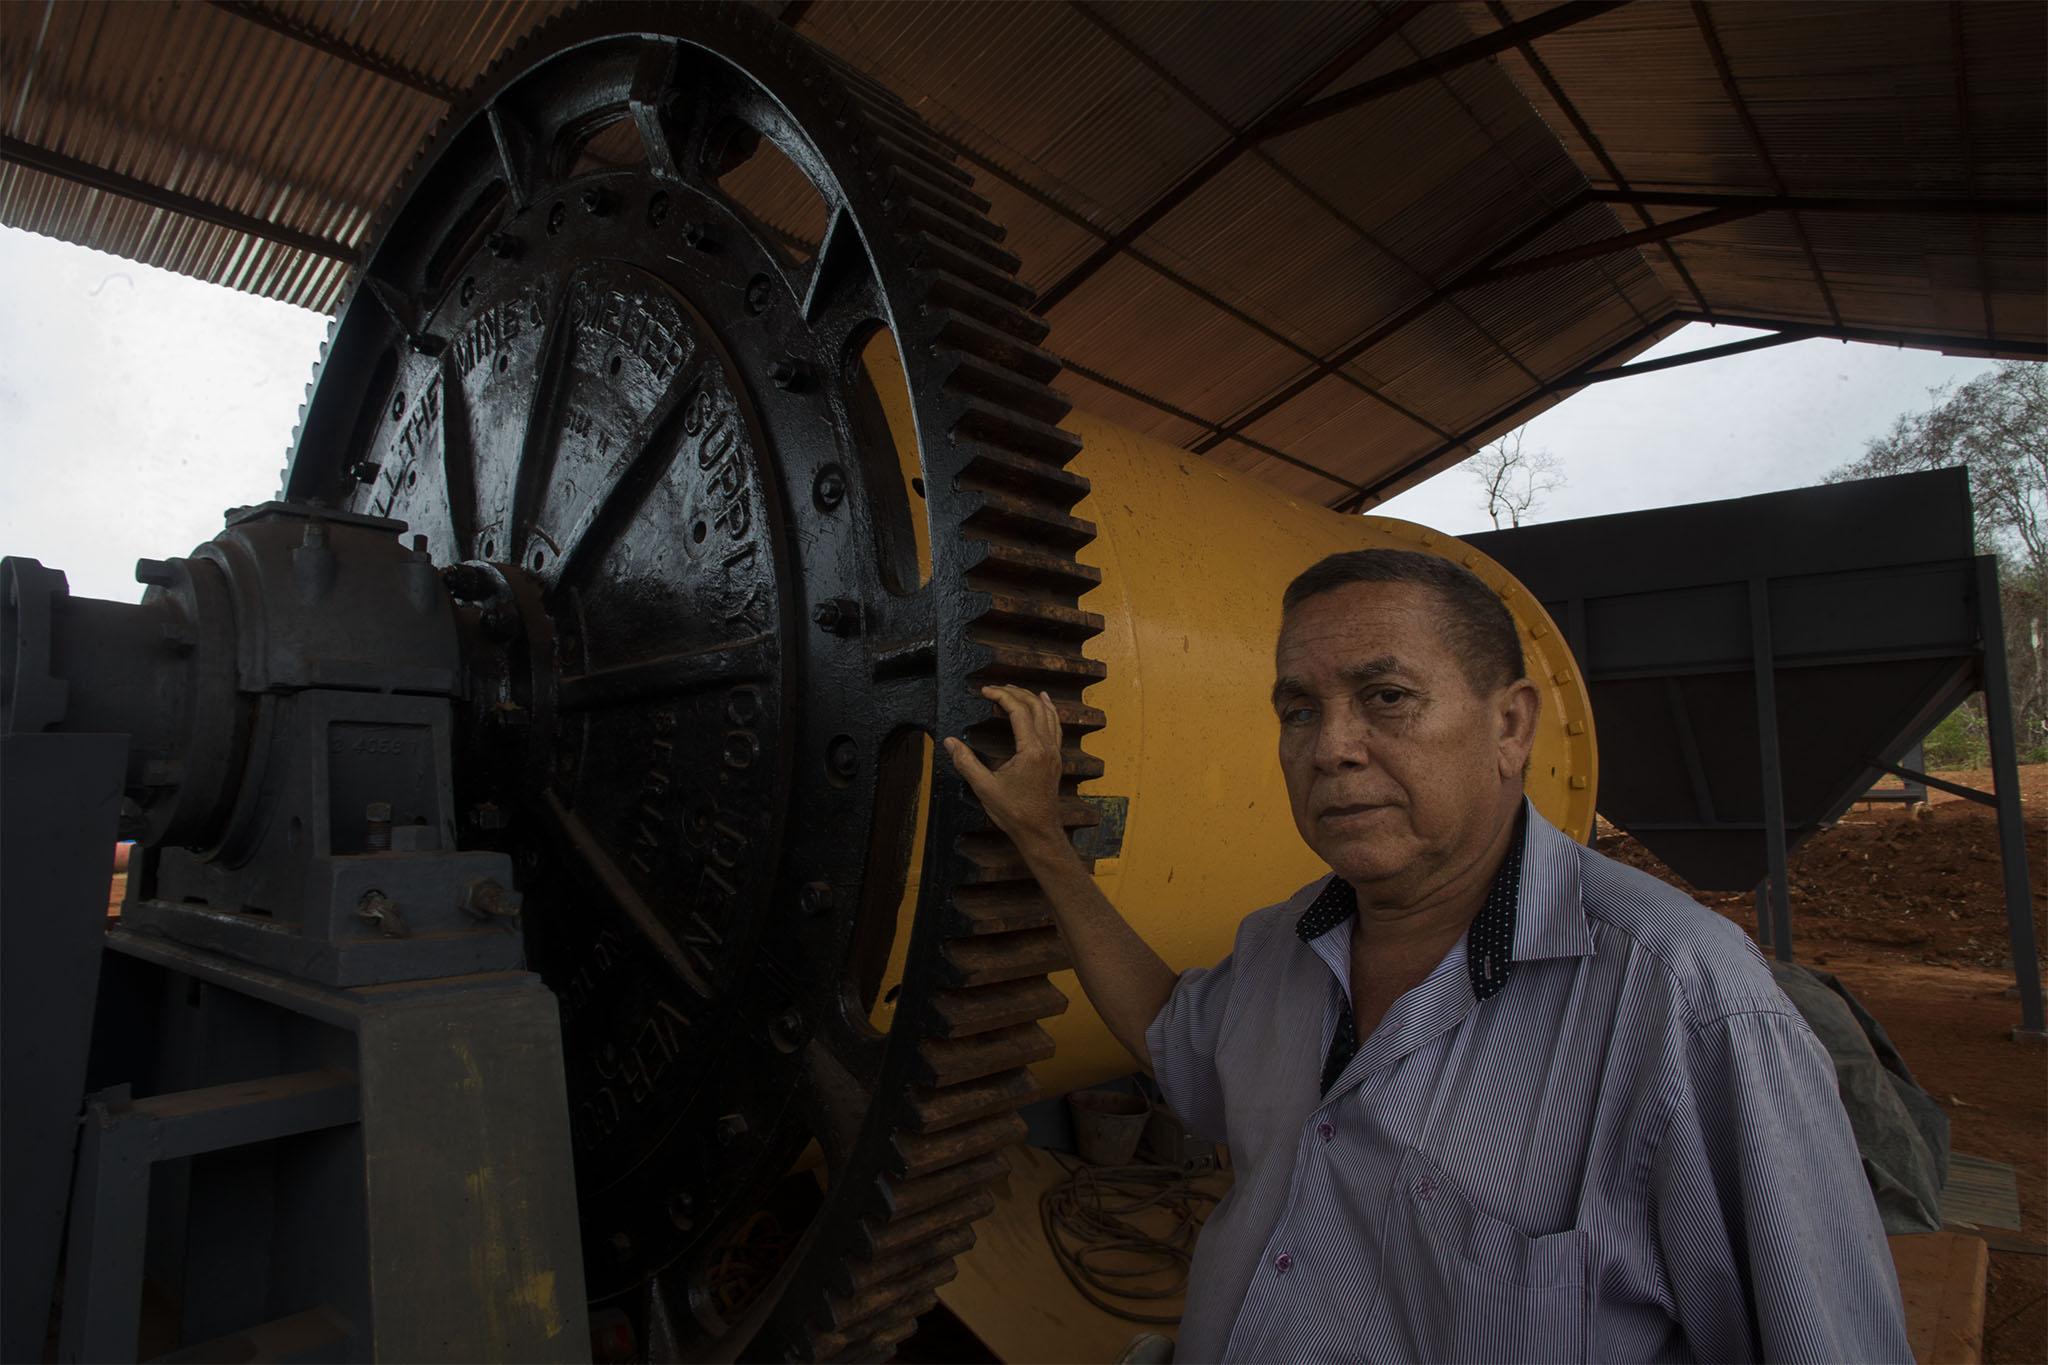 Minero de La Florinda Molino Rancho Grande - Foto Emili~1